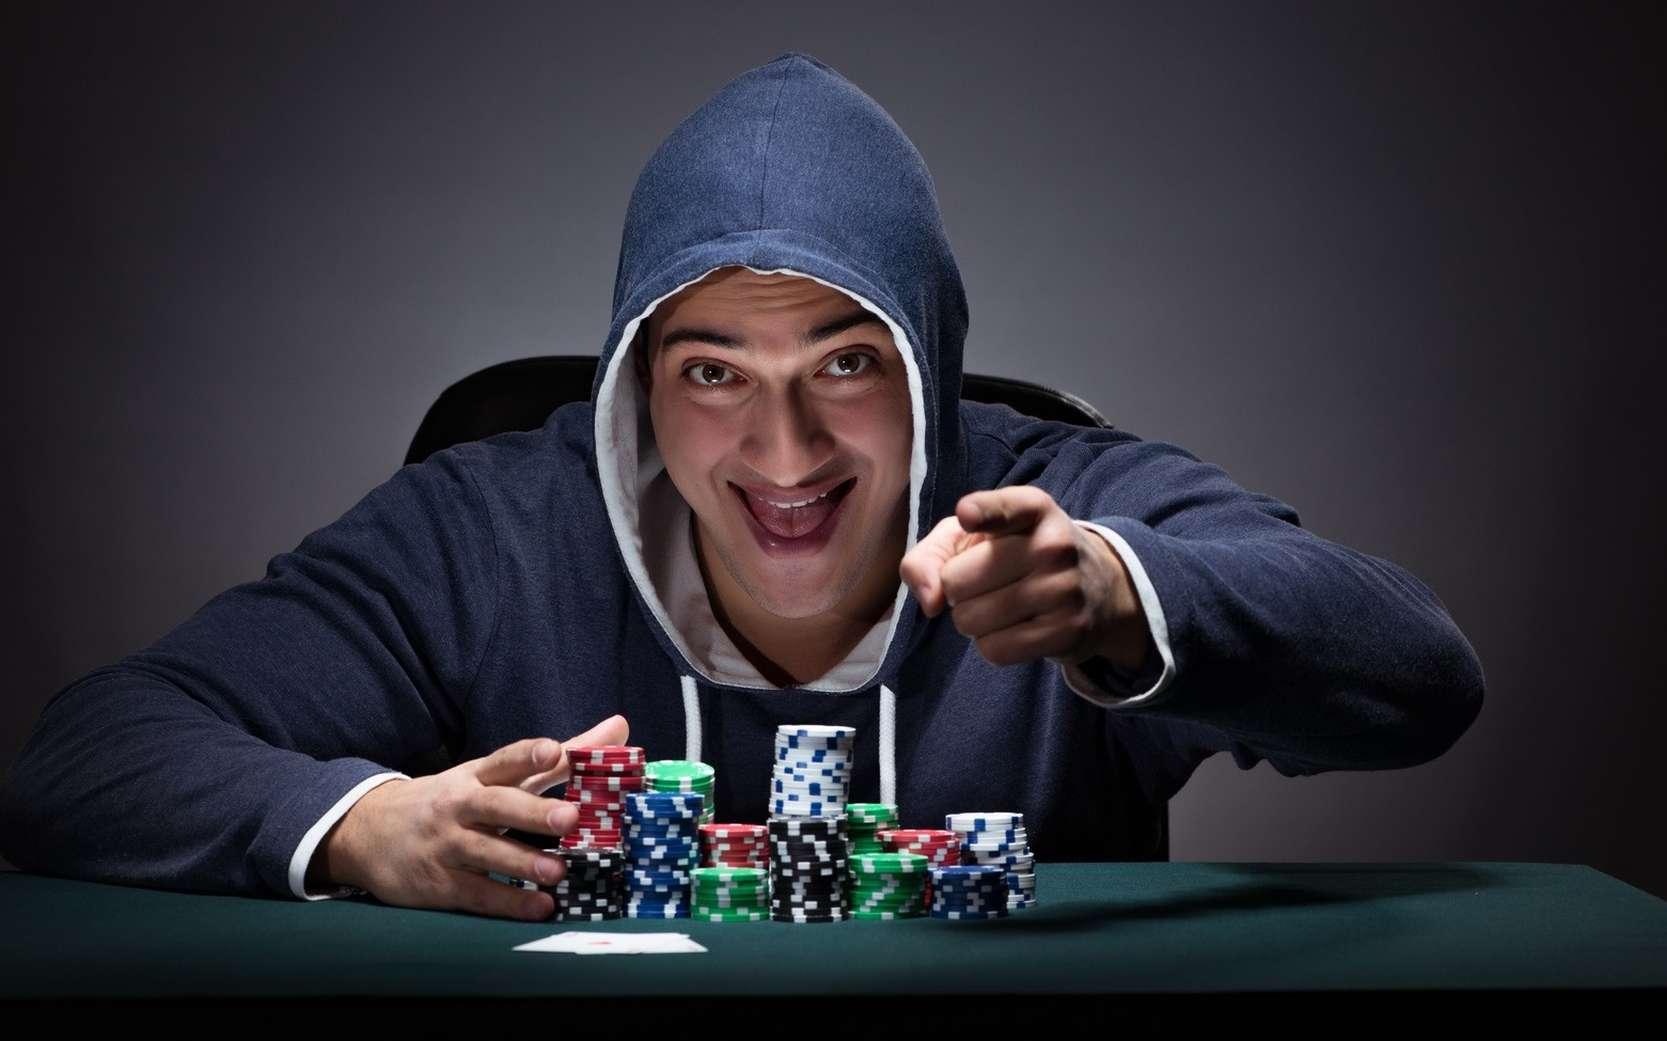 Le circuit de la récompense est impliqué dans la dépendance aux drogues ou à certaines situations (jeux d'argent, jeux vidéo…). © Elnur, Fotolia